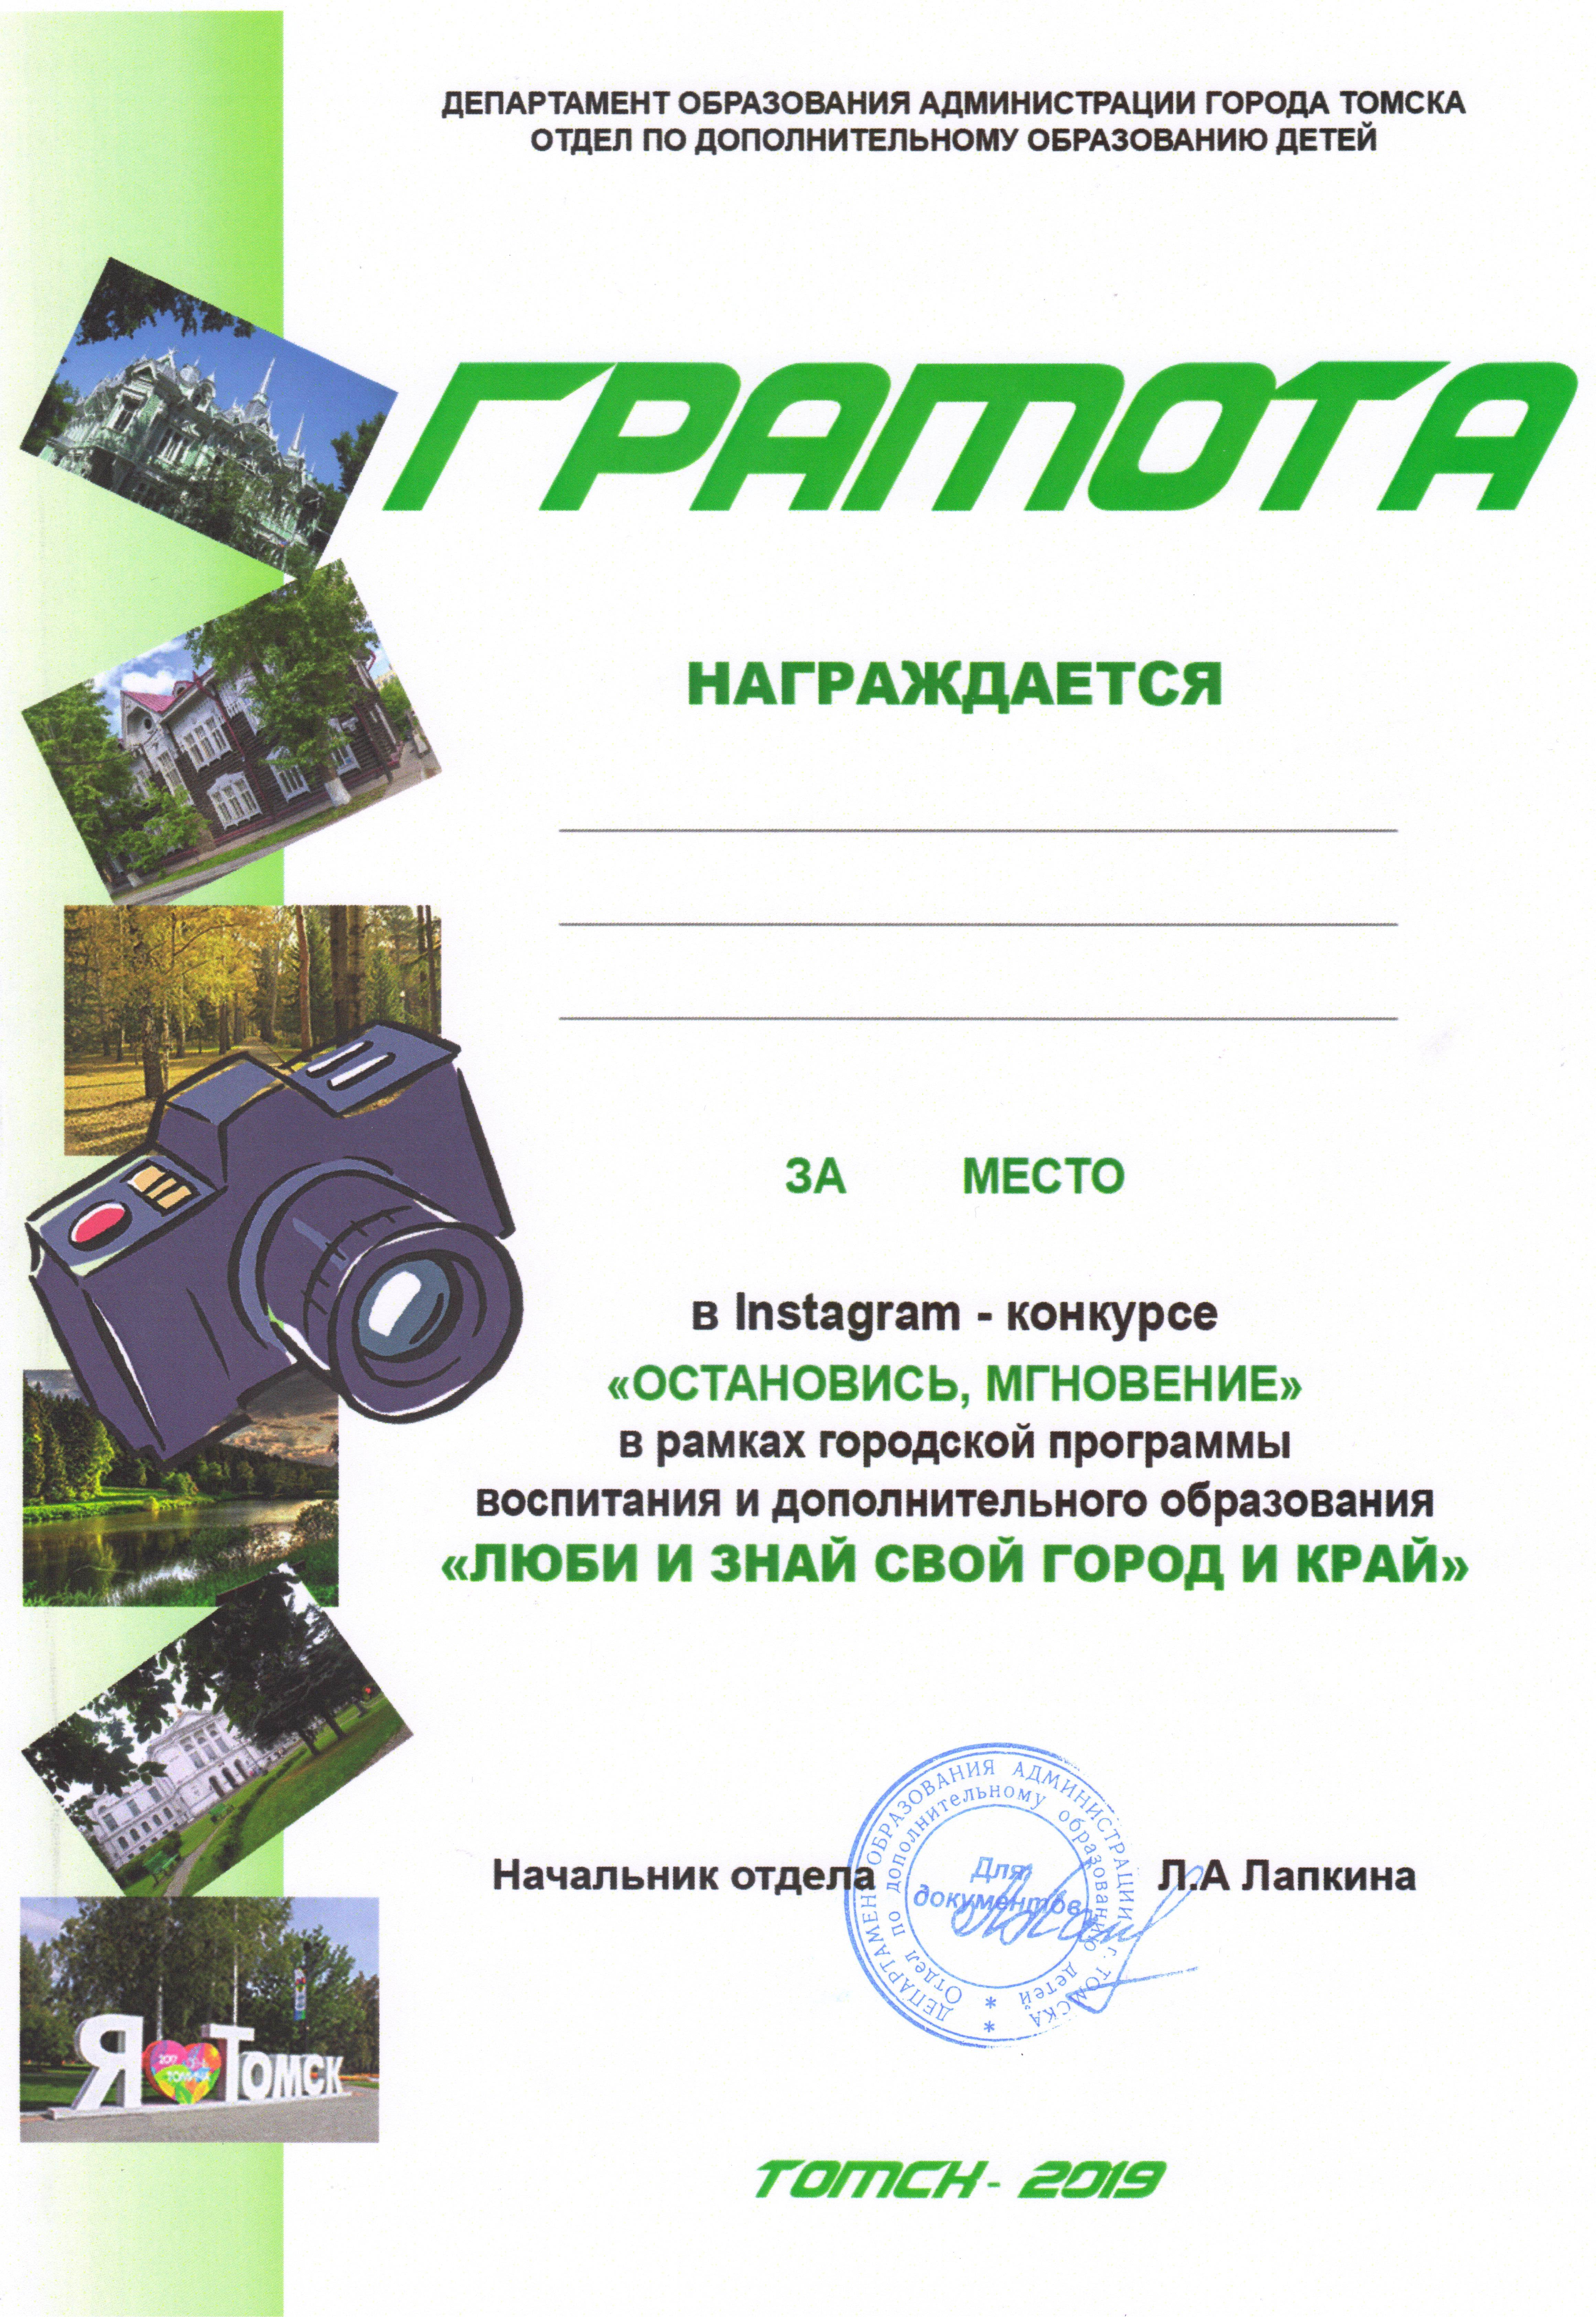 Фото почетной грамоты клуба позволяет